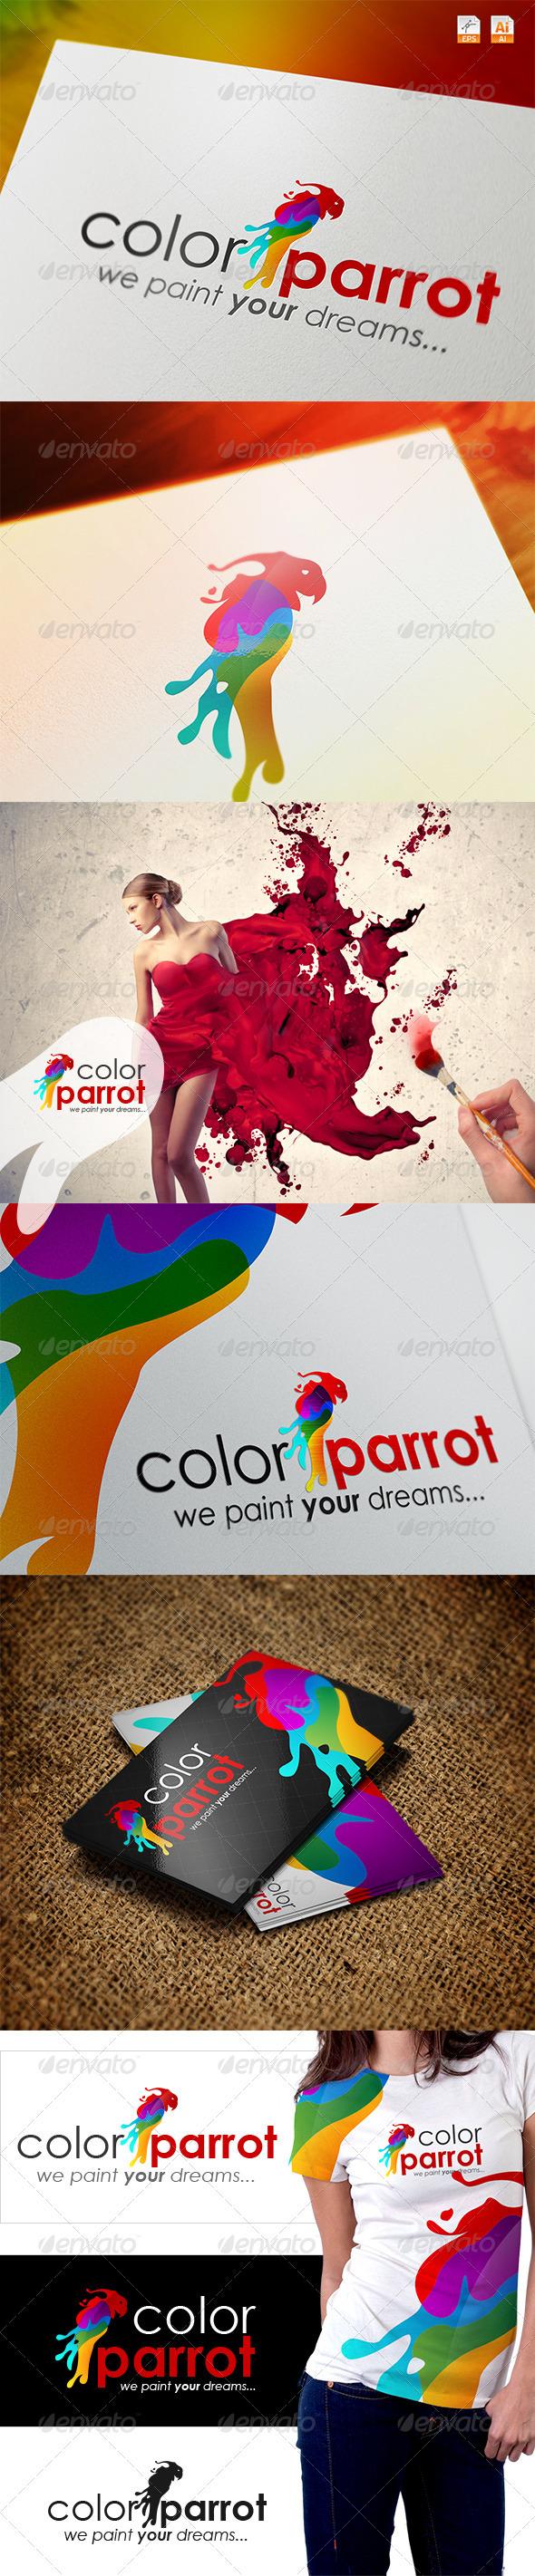 Color Parrot - We Paint Your Dreams Logo